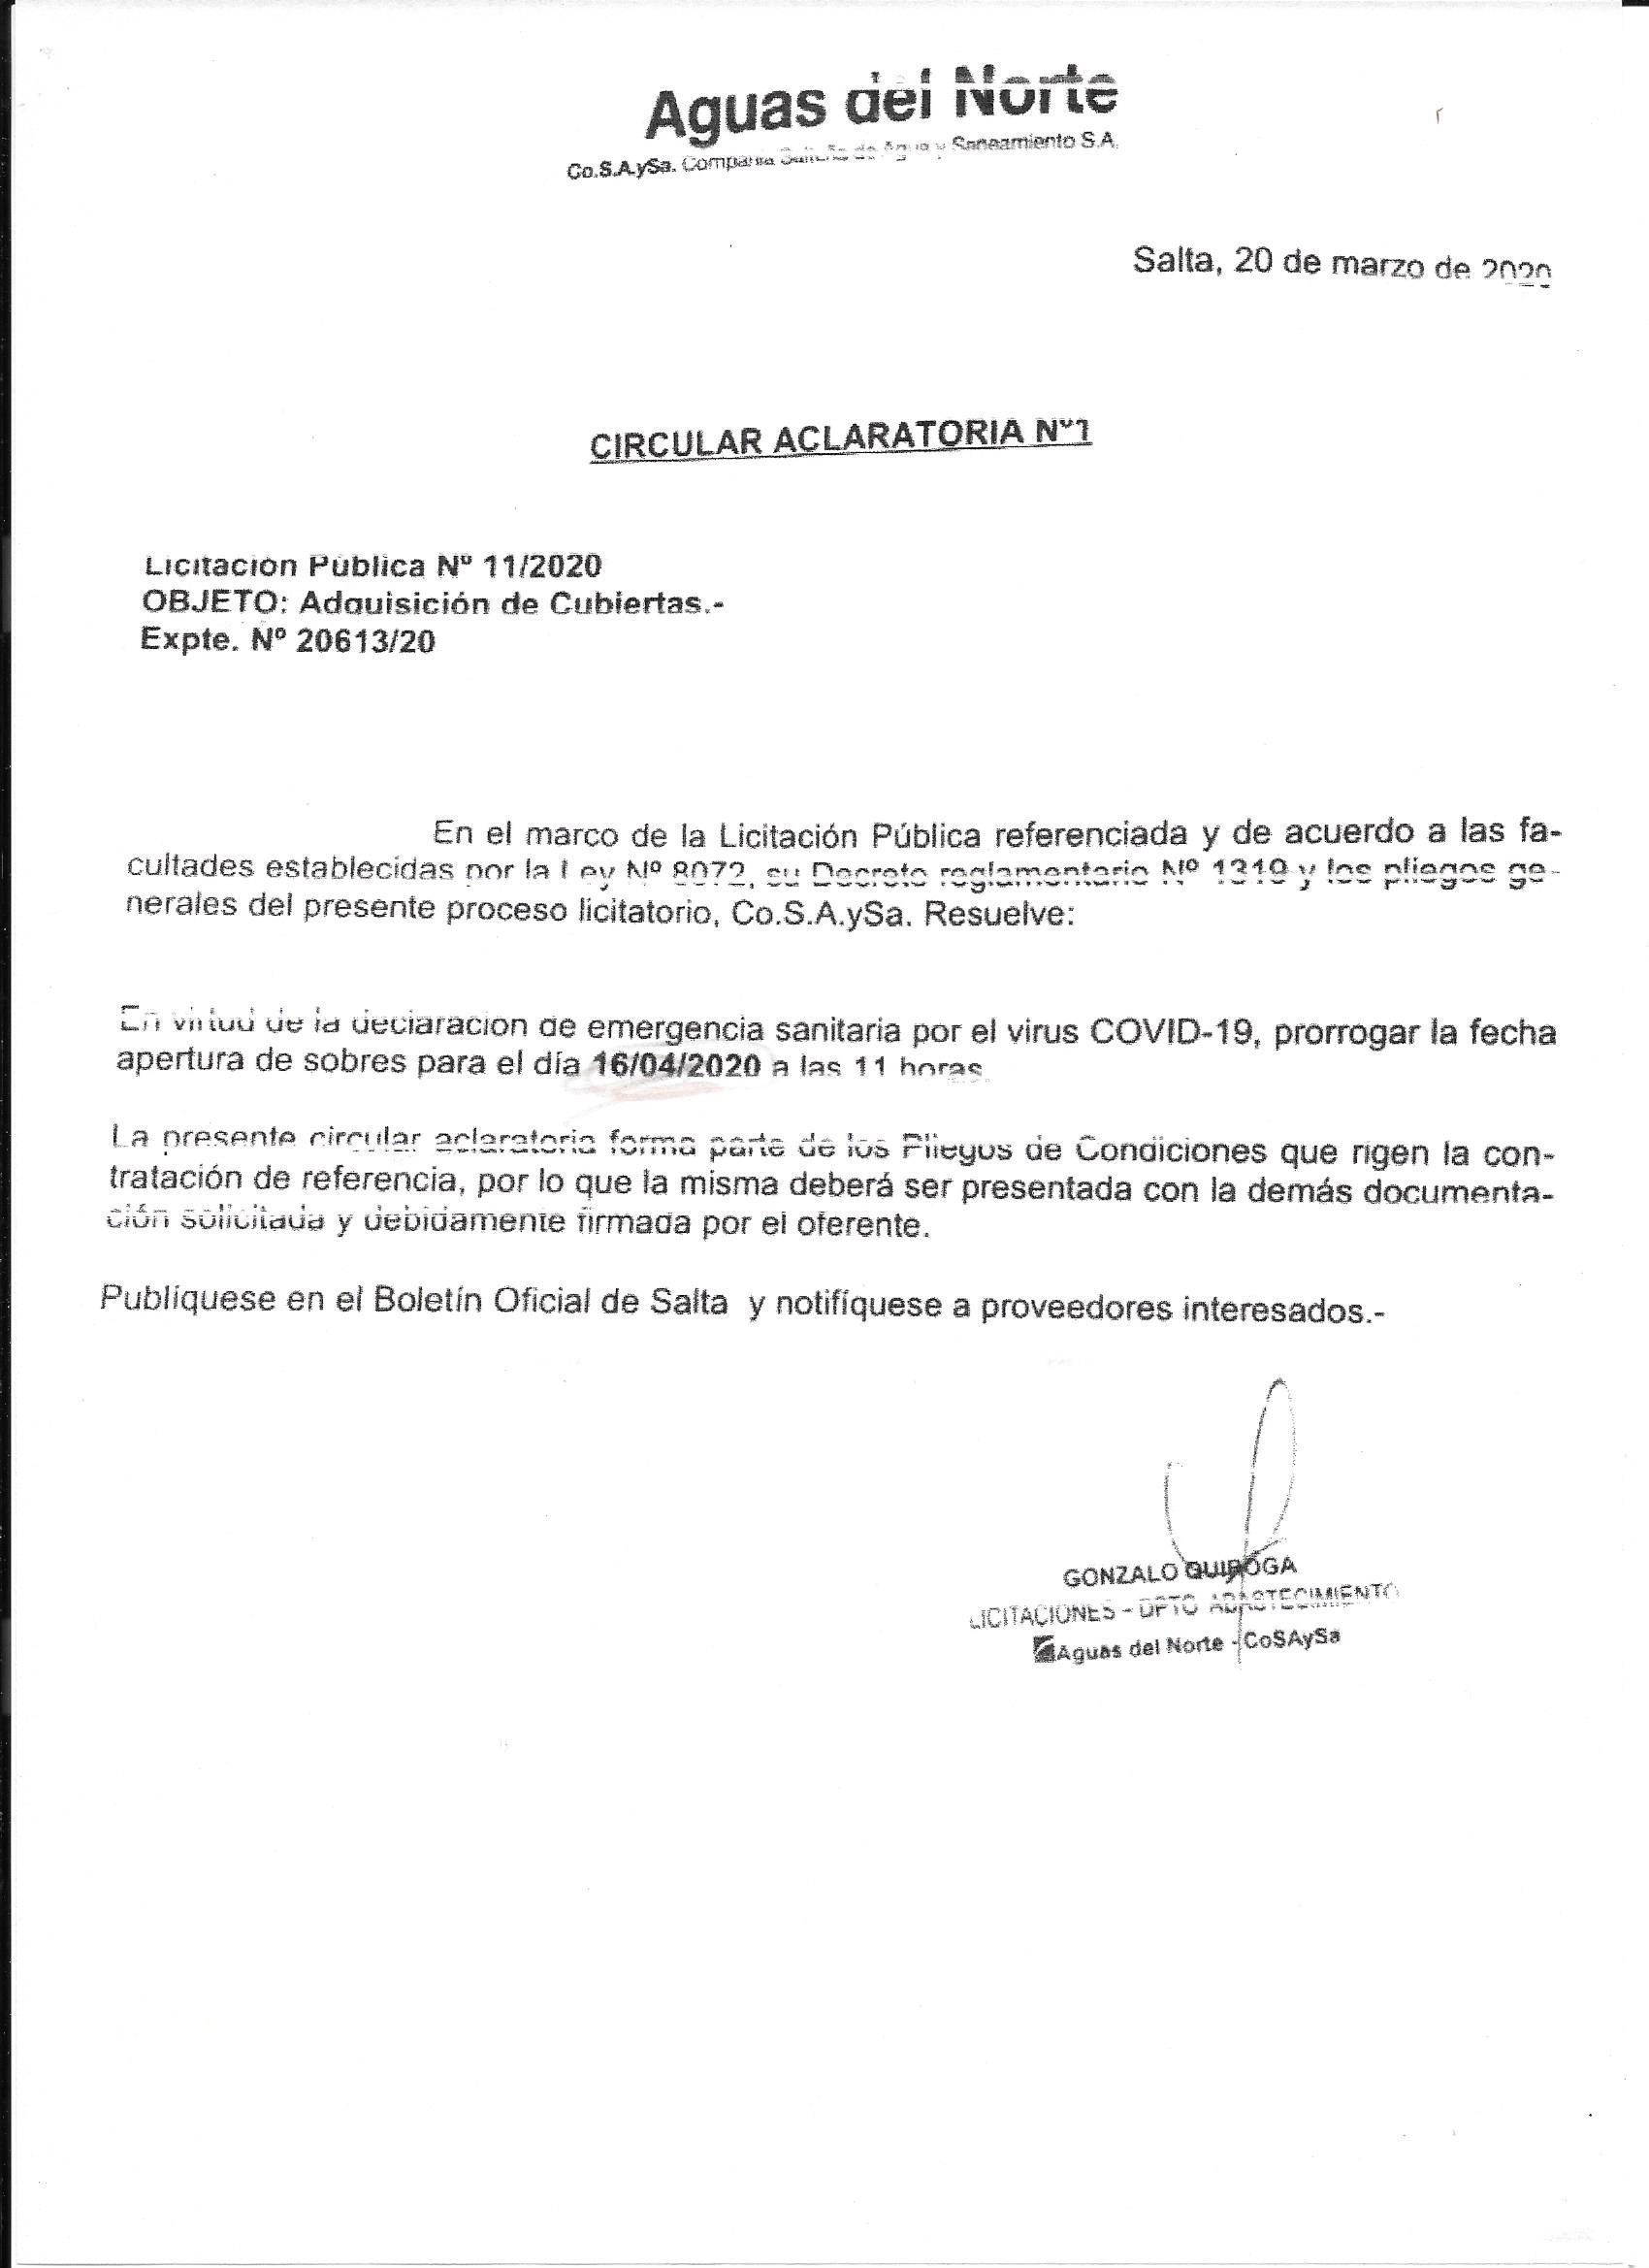 licitacion-aguas-del-norte-16-04-jpeg